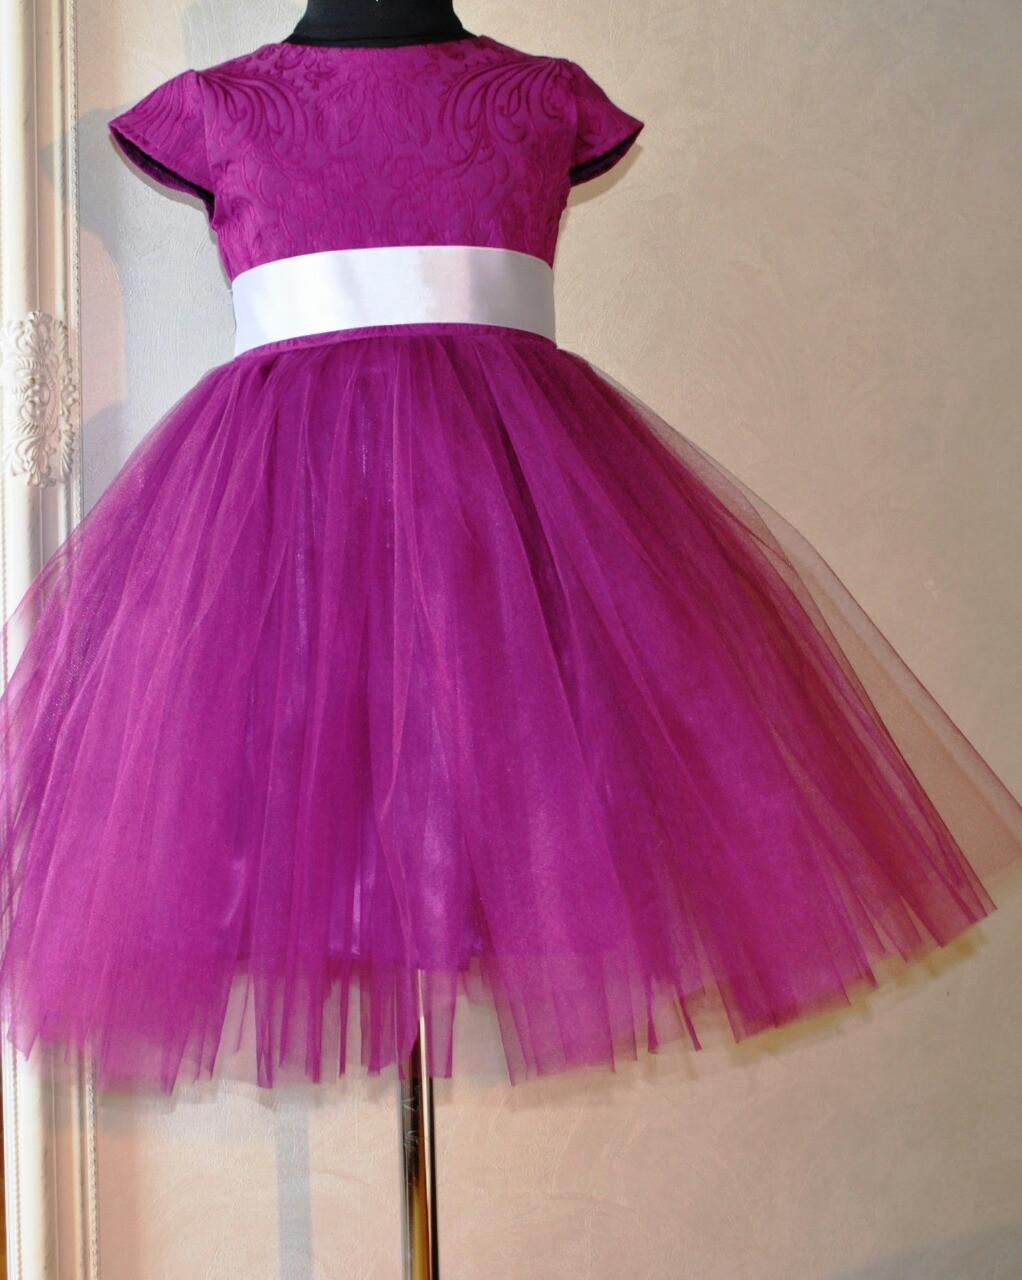 Нарядное платье для девочек Барокко -Сочная малина - Перша подарункова  майстерня Compliment в Днепре 174b18d583ff4